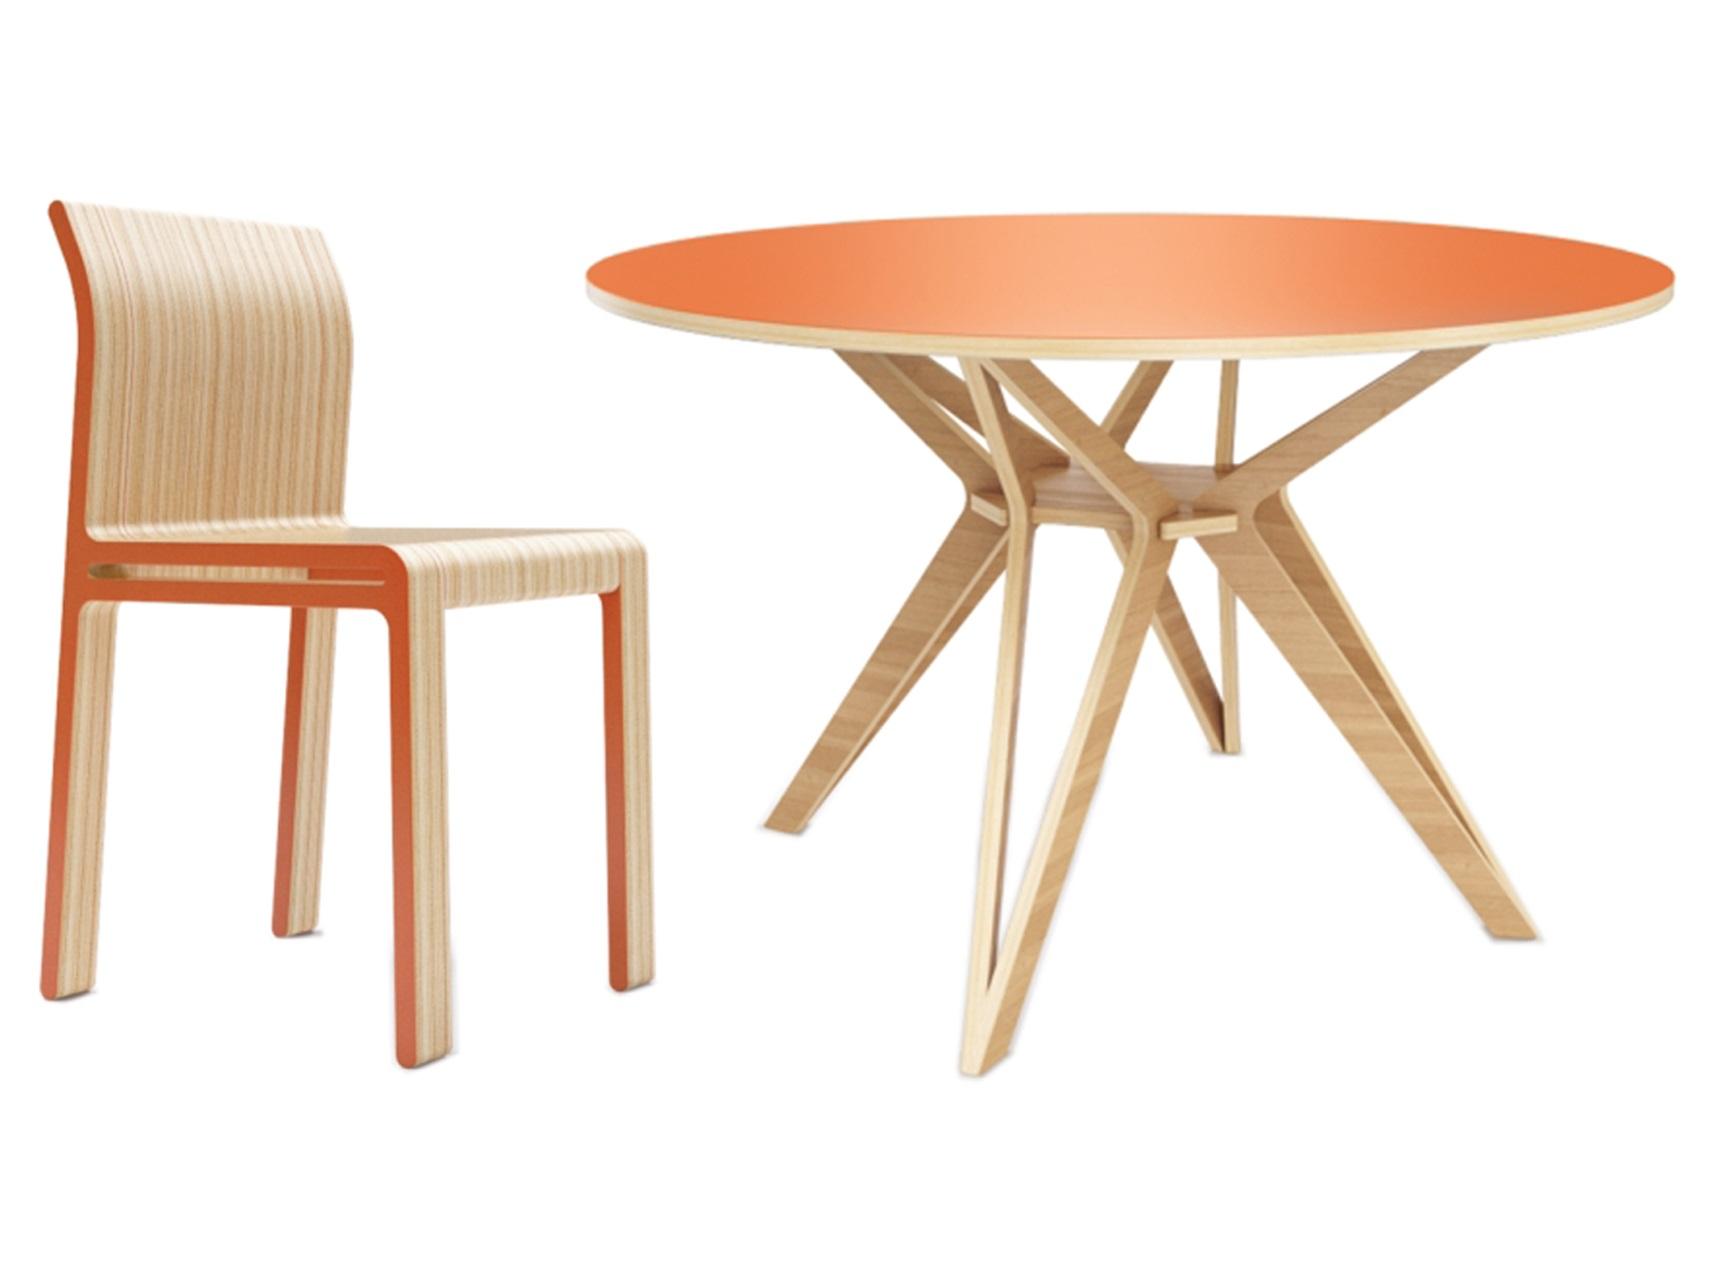 Обеденная группа Hagfors (стол + 4 стула)Комплекты для столовой<br>&amp;lt;div&amp;gt;Hagfors – это стол, необычный дизайн которого создаст изящный акцент в вашем интерьере.&amp;amp;nbsp;&amp;lt;/div&amp;gt;&amp;lt;div&amp;gt;Возможен в диаметрах 60, 90, 100, 120 и 148см.&amp;lt;/div&amp;gt;&amp;lt;div&amp;gt;Окрас элементов стула в морковный цвет.&amp;lt;/div&amp;gt;&amp;lt;div&amp;gt;Отделка стола шпоном дуба.&amp;lt;br&amp;gt;&amp;lt;/div&amp;gt;&amp;lt;div&amp;gt;Возможность изготовления комплекта в других цветах расцветках&amp;lt;/div&amp;gt;&amp;lt;div&amp;gt;&amp;lt;br&amp;gt;&amp;lt;/div&amp;gt;&amp;lt;div&amp;gt;Размеры стола: 75/120 см&amp;lt;br&amp;gt;&amp;lt;/div&amp;gt;&amp;lt;div&amp;gt;Материал стола: Фанера&amp;lt;br&amp;gt;&amp;lt;/div&amp;gt;&amp;lt;div&amp;gt;&amp;lt;div&amp;gt;Размеры стула: 40/46/82 см&amp;lt;br&amp;gt;&amp;lt;/div&amp;gt;&amp;lt;div&amp;gt;Материал стула: Фанера&amp;lt;/div&amp;gt;&amp;lt;/div&amp;gt;&amp;lt;div&amp;gt;&amp;lt;br&amp;gt;&amp;lt;/div&amp;gt;<br><br>Material: Фанера<br>Высота см: 75